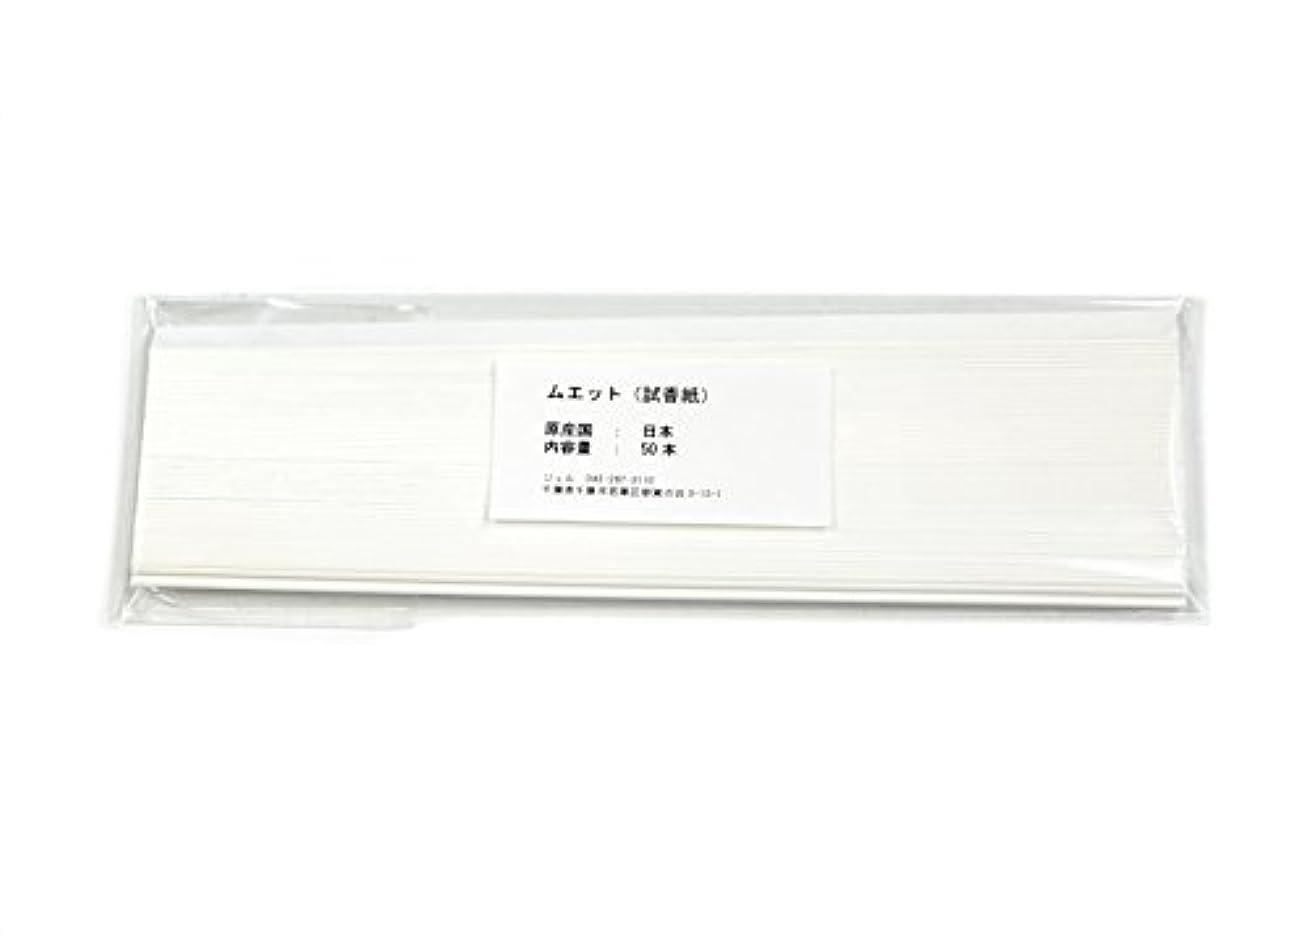 タブレットデコードする著名なJell ムエット50本(試香紙、香料試験紙、プロ用)